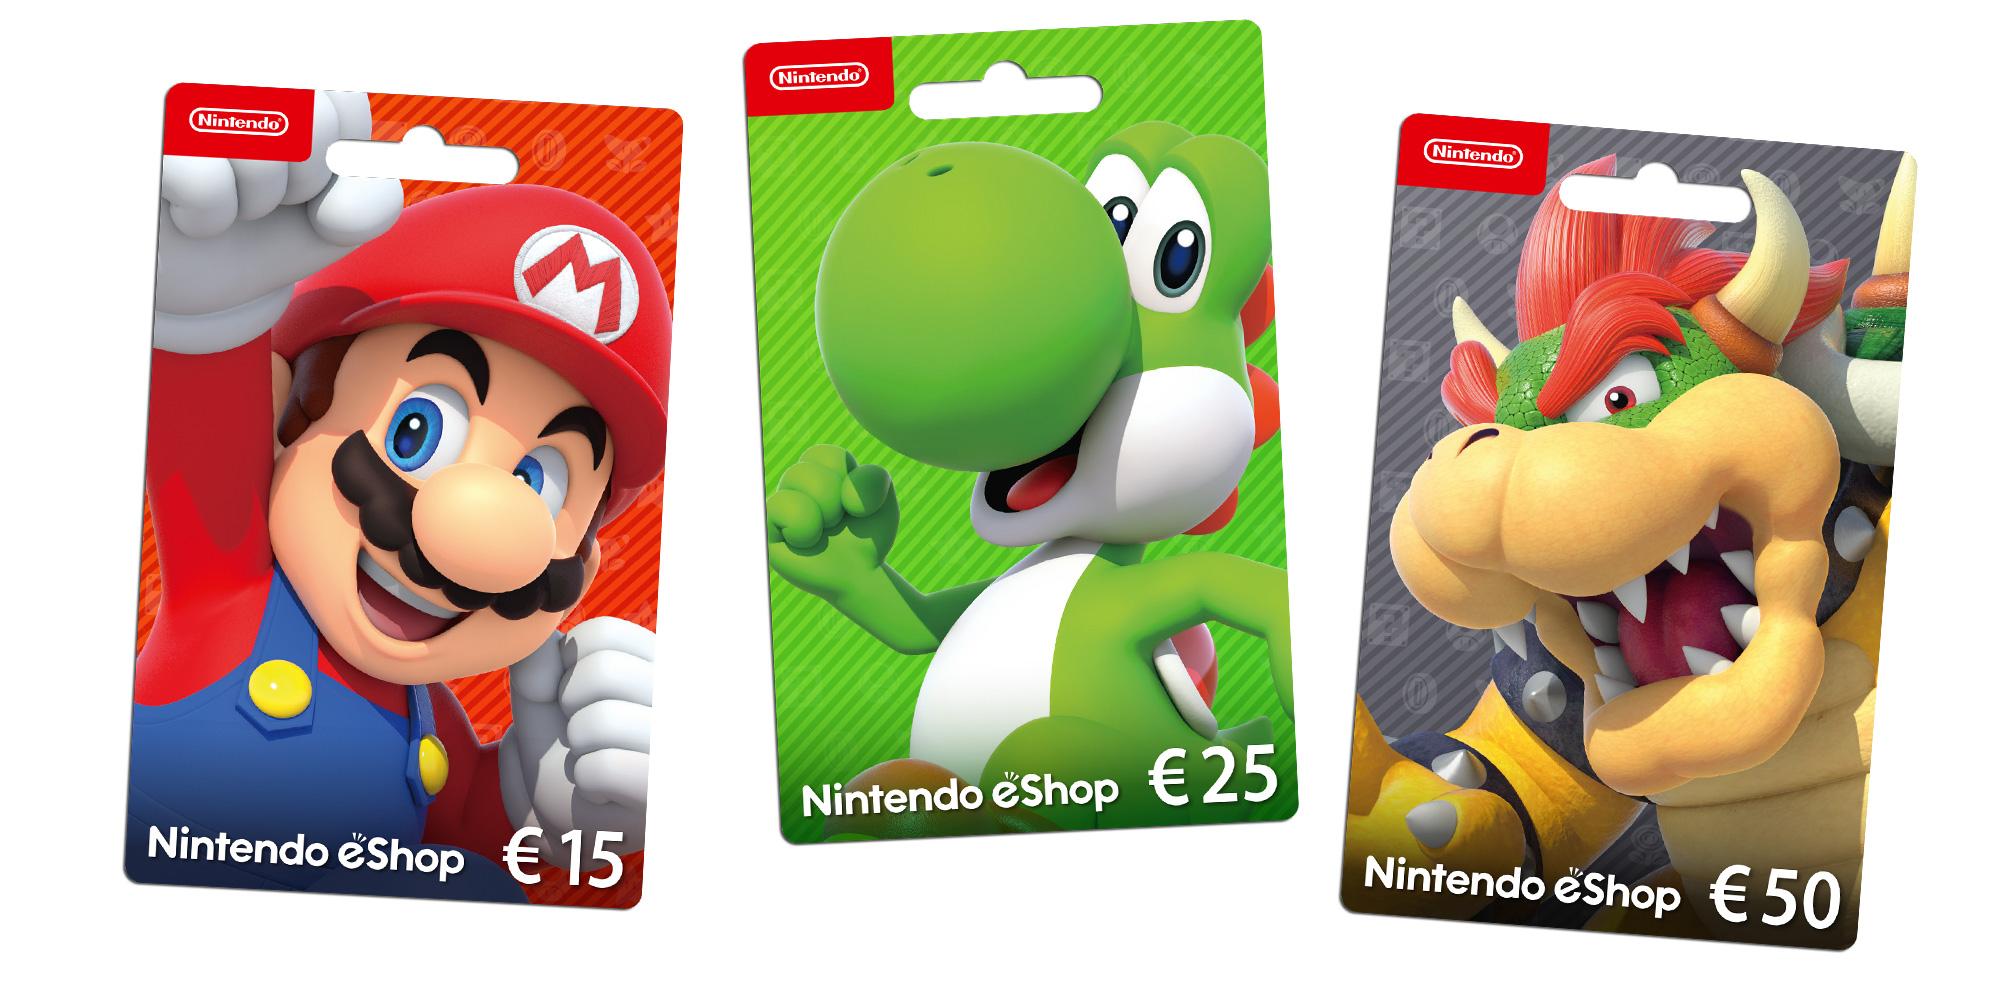 Nintendo Eshop Karte Code.Nintendo Eshop Cards Nintendo 3ds Nintendo